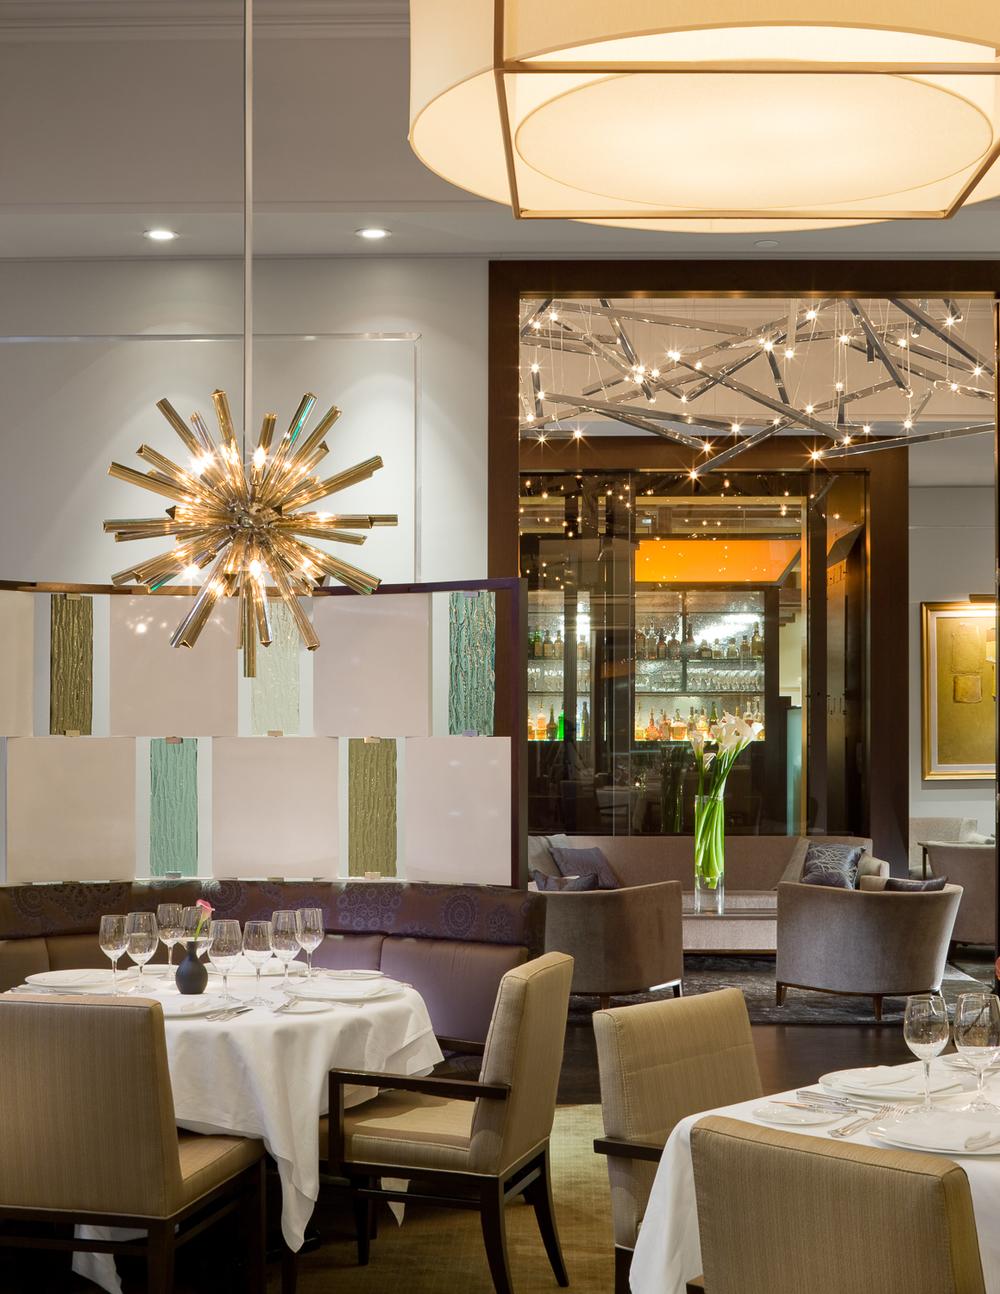 L'Espalier Restaurant